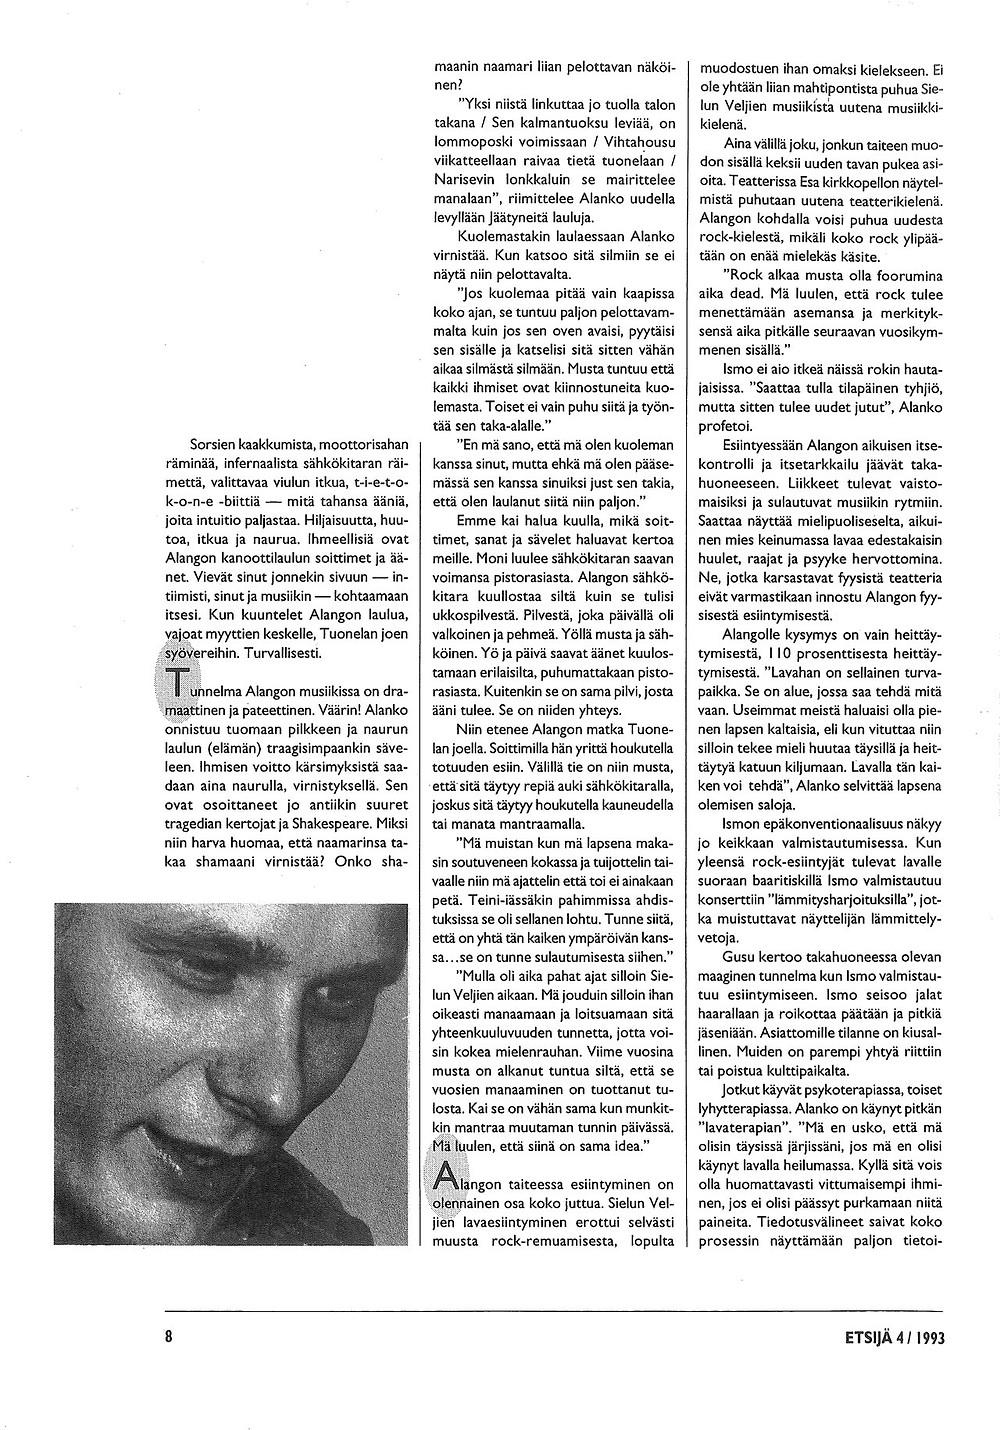 Kuvituskuva. Ismo Alangon Haastattelu Etsijä-lehdessä vuonna 1993. Sivu 6.